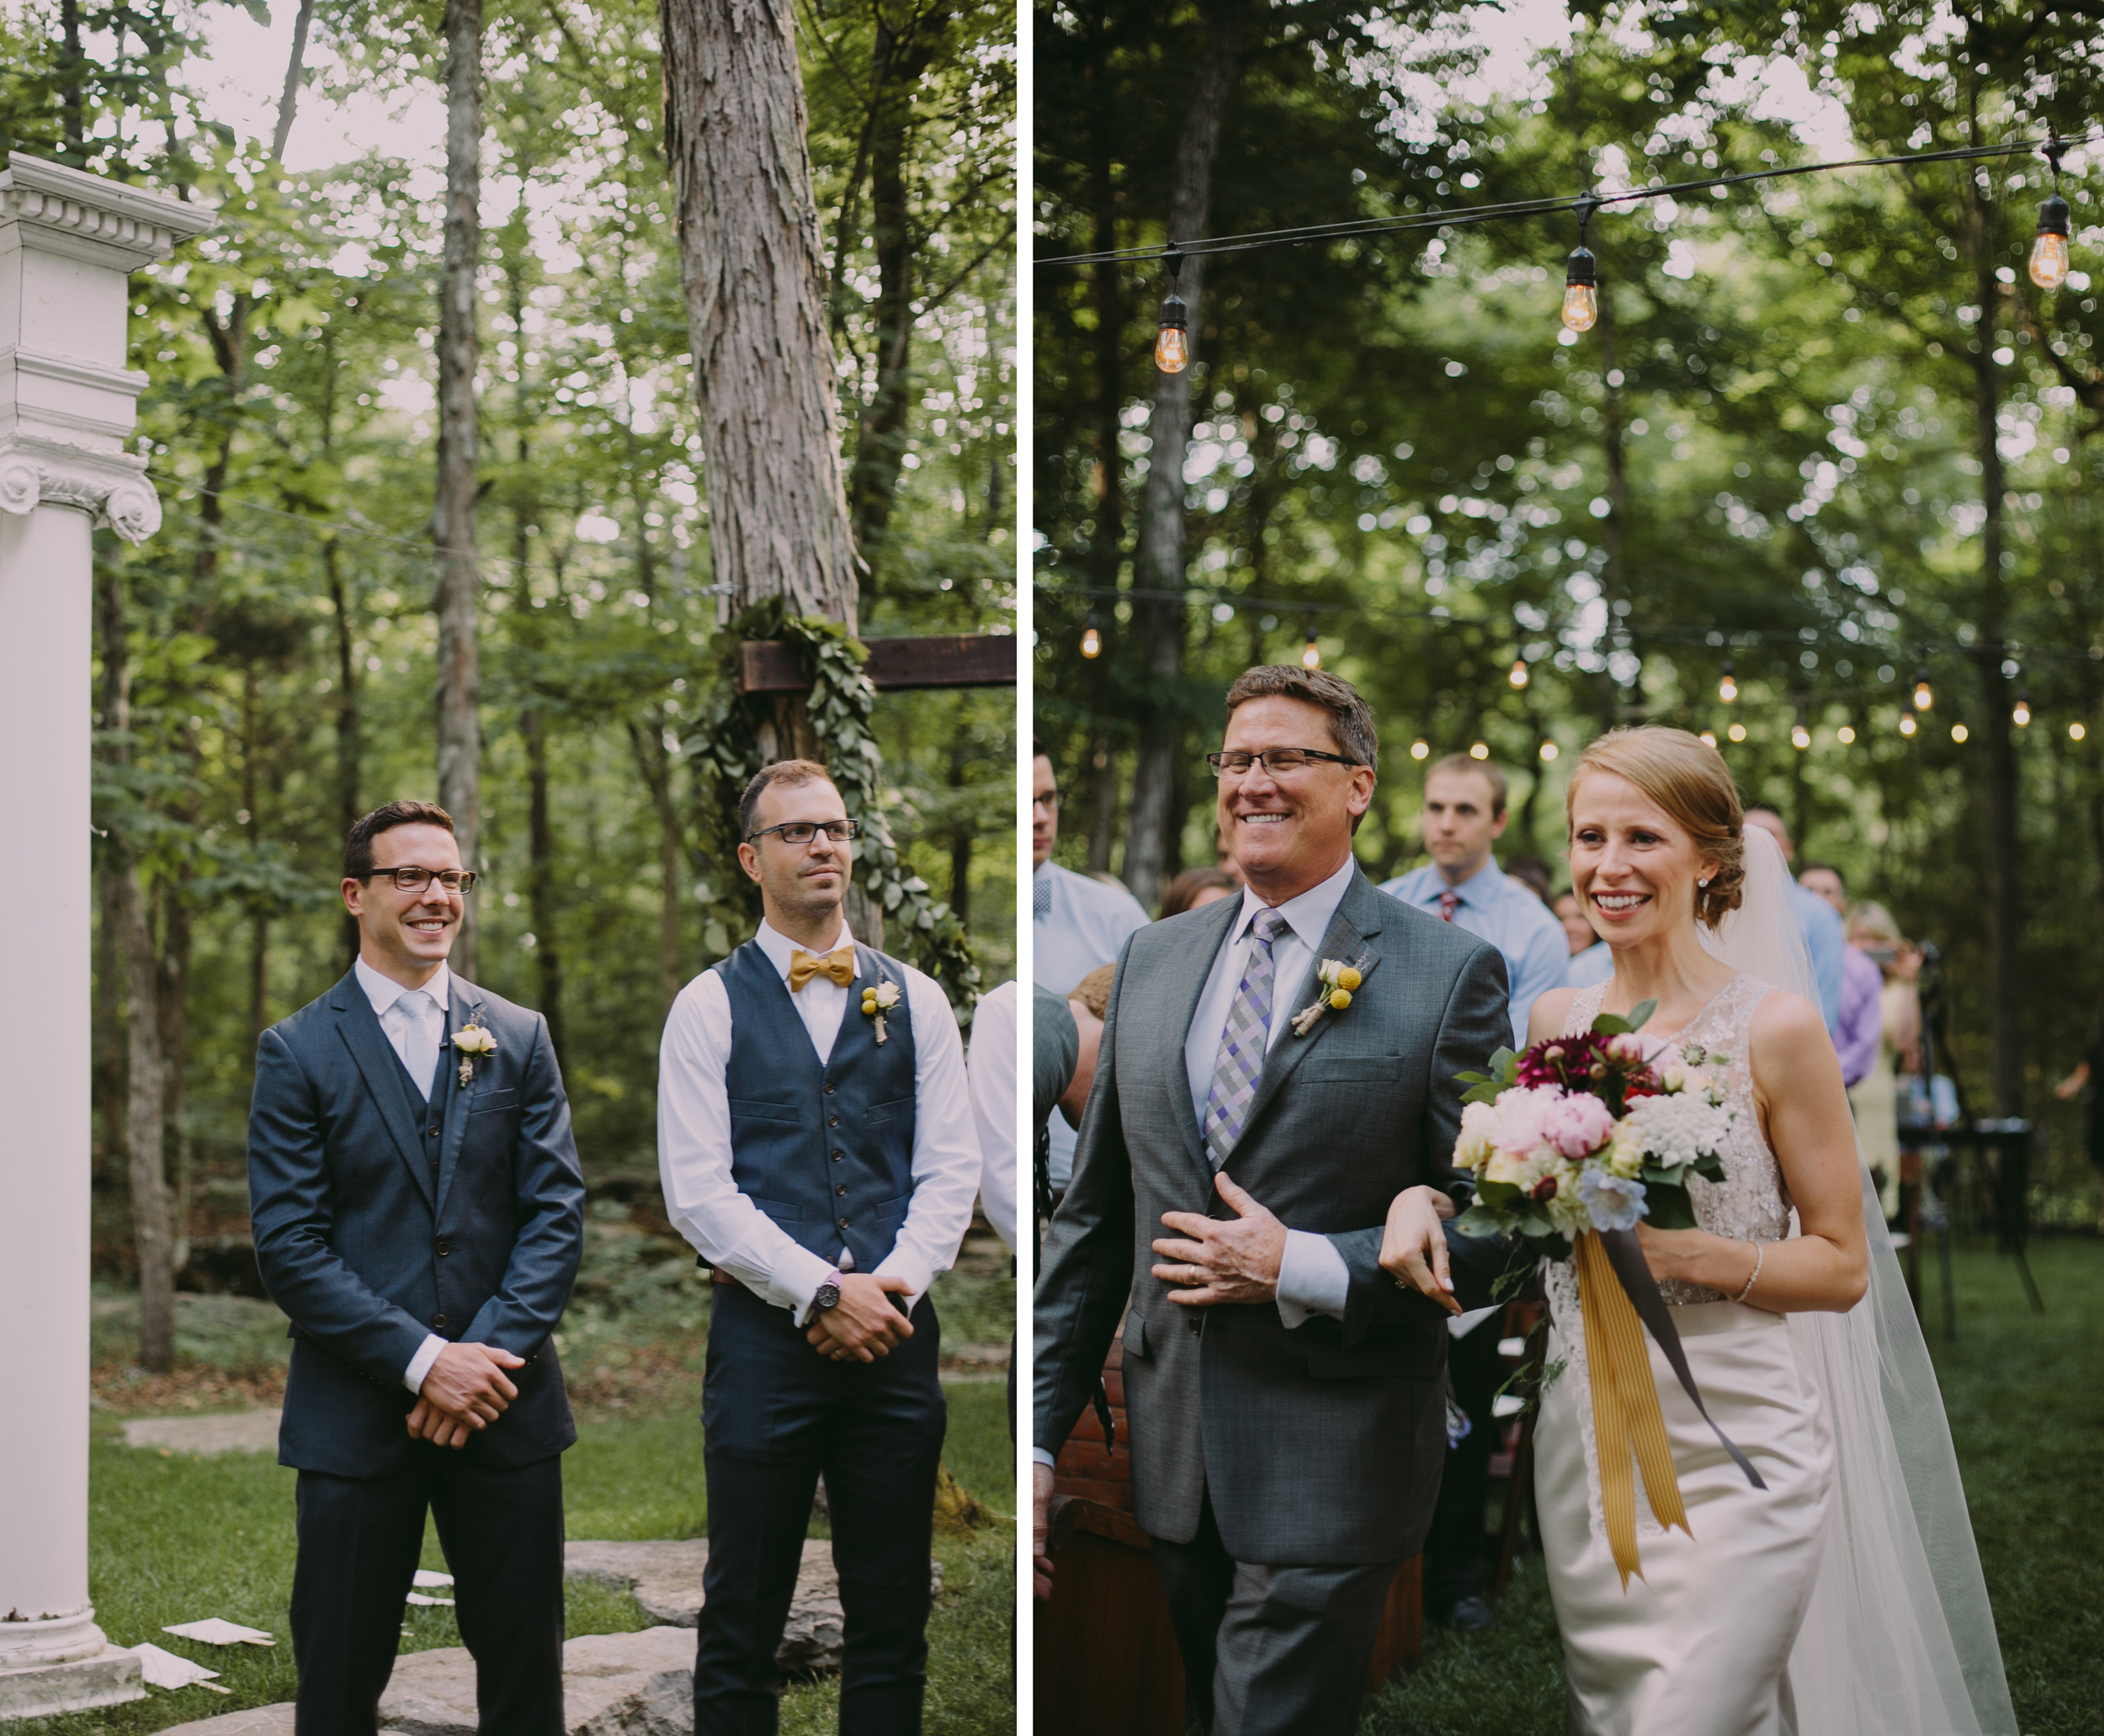 Laura + Mark Wedding Nashville Wedding Photographer Photography Anthology-93 copy.jpg